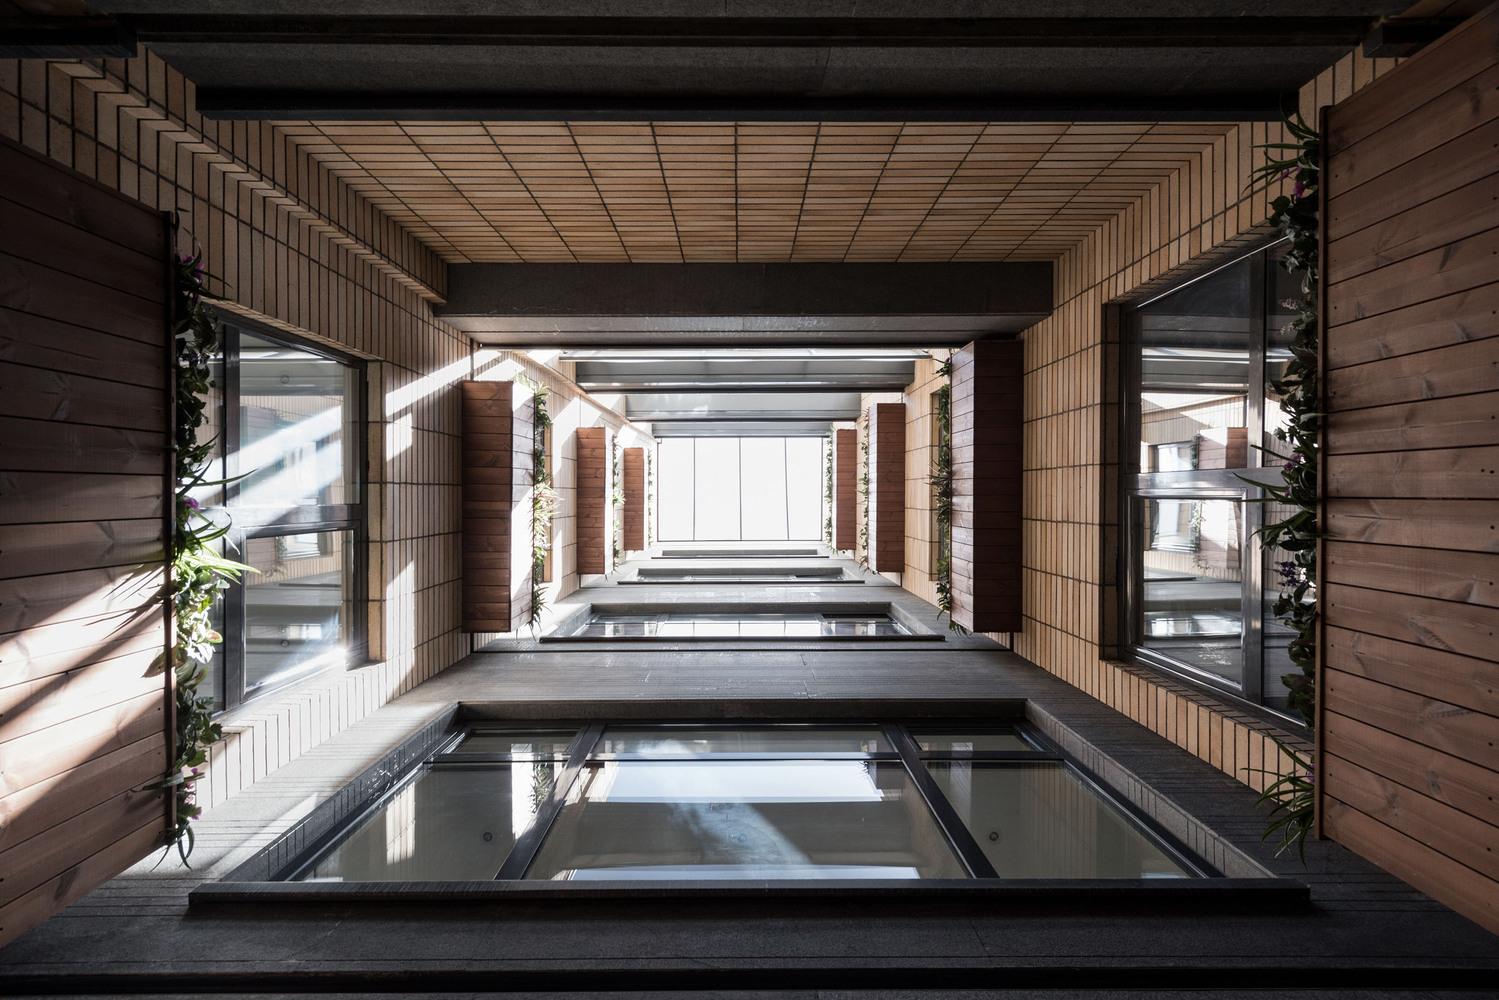 معماری,مجتمع مسکونی بوستان,تهران,طراحی,نقشه مجتمع مسکونی,ساختمان مسکونی بوستان,ساختمان,پلان مجتمع مسکونی,پلان معماری,پروژه معماری